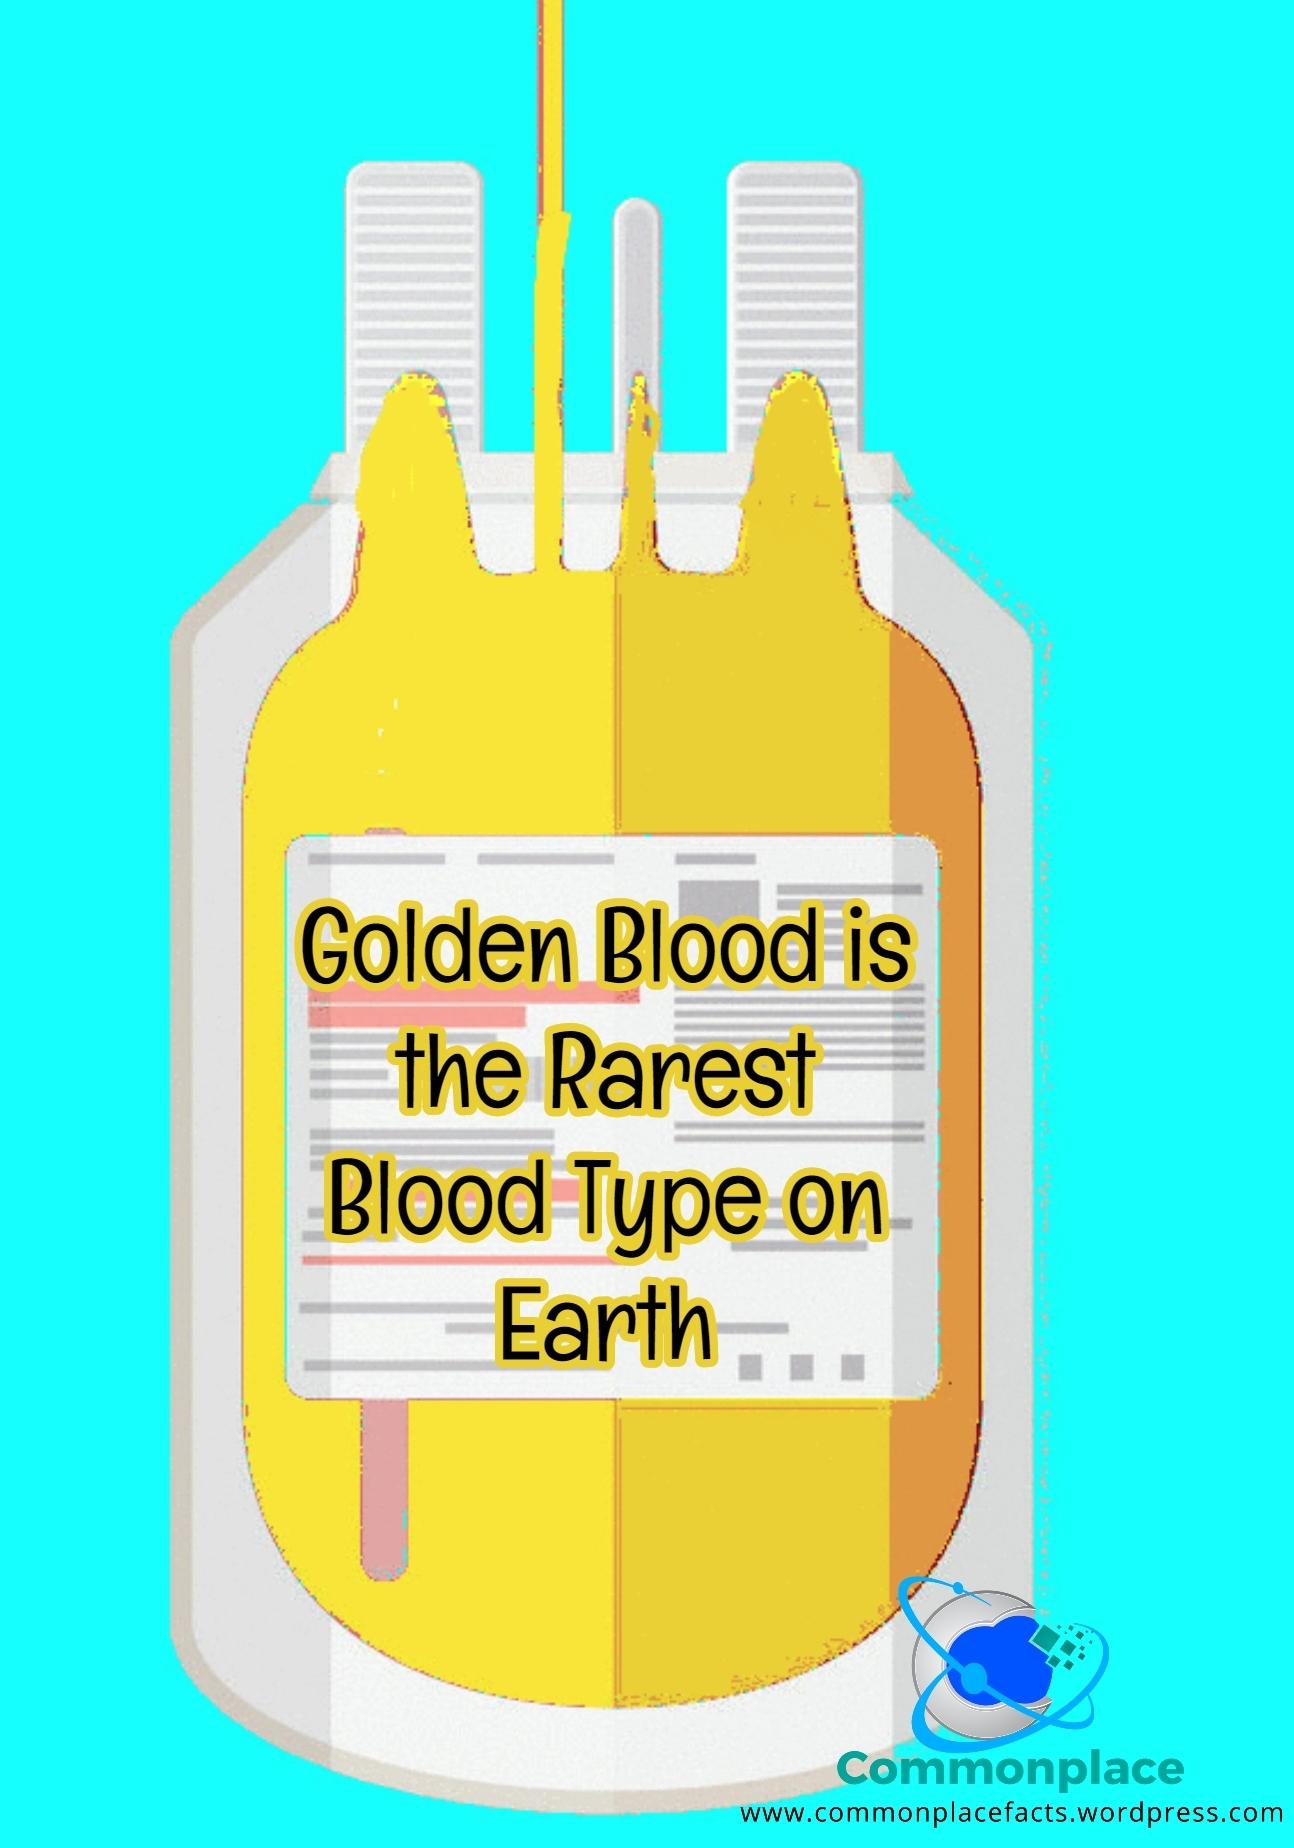 #blood #goldenblood #bloodtypes